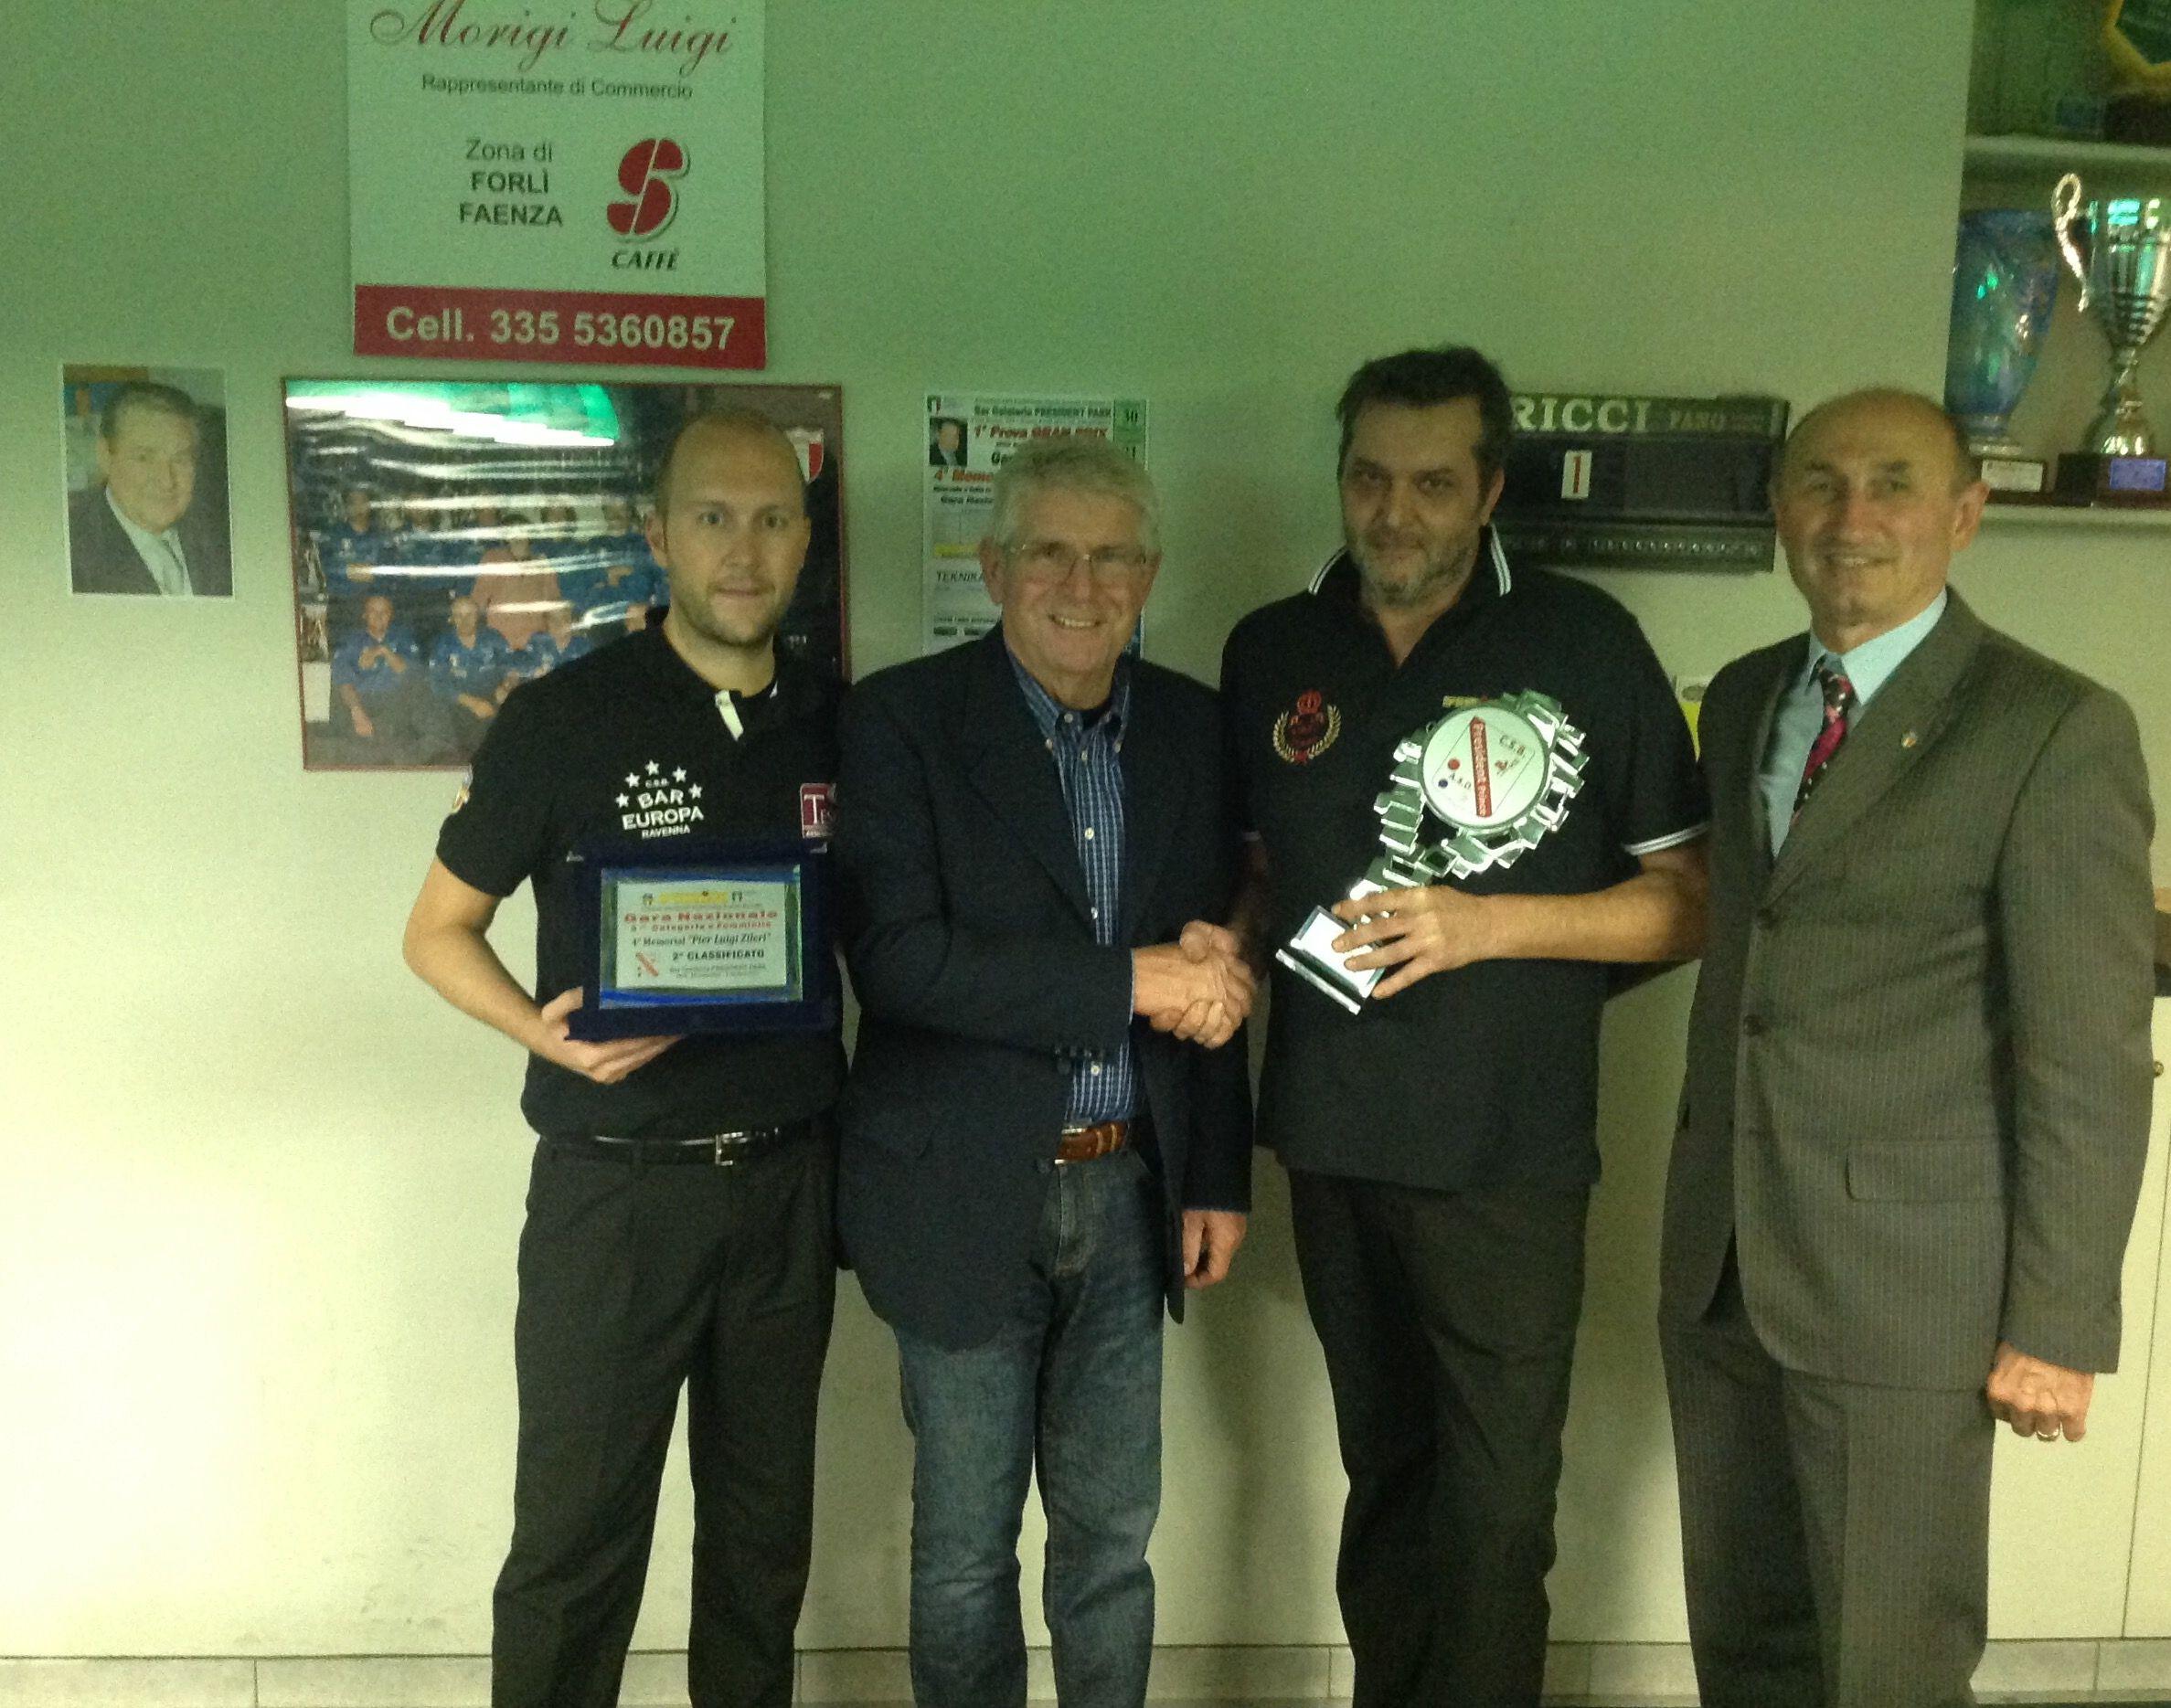 I finalisti Baravelli Marco RA e Monari Andrea BO con il Presidente Regionale A. Landi e il Consigliere Federale L. De Cesari